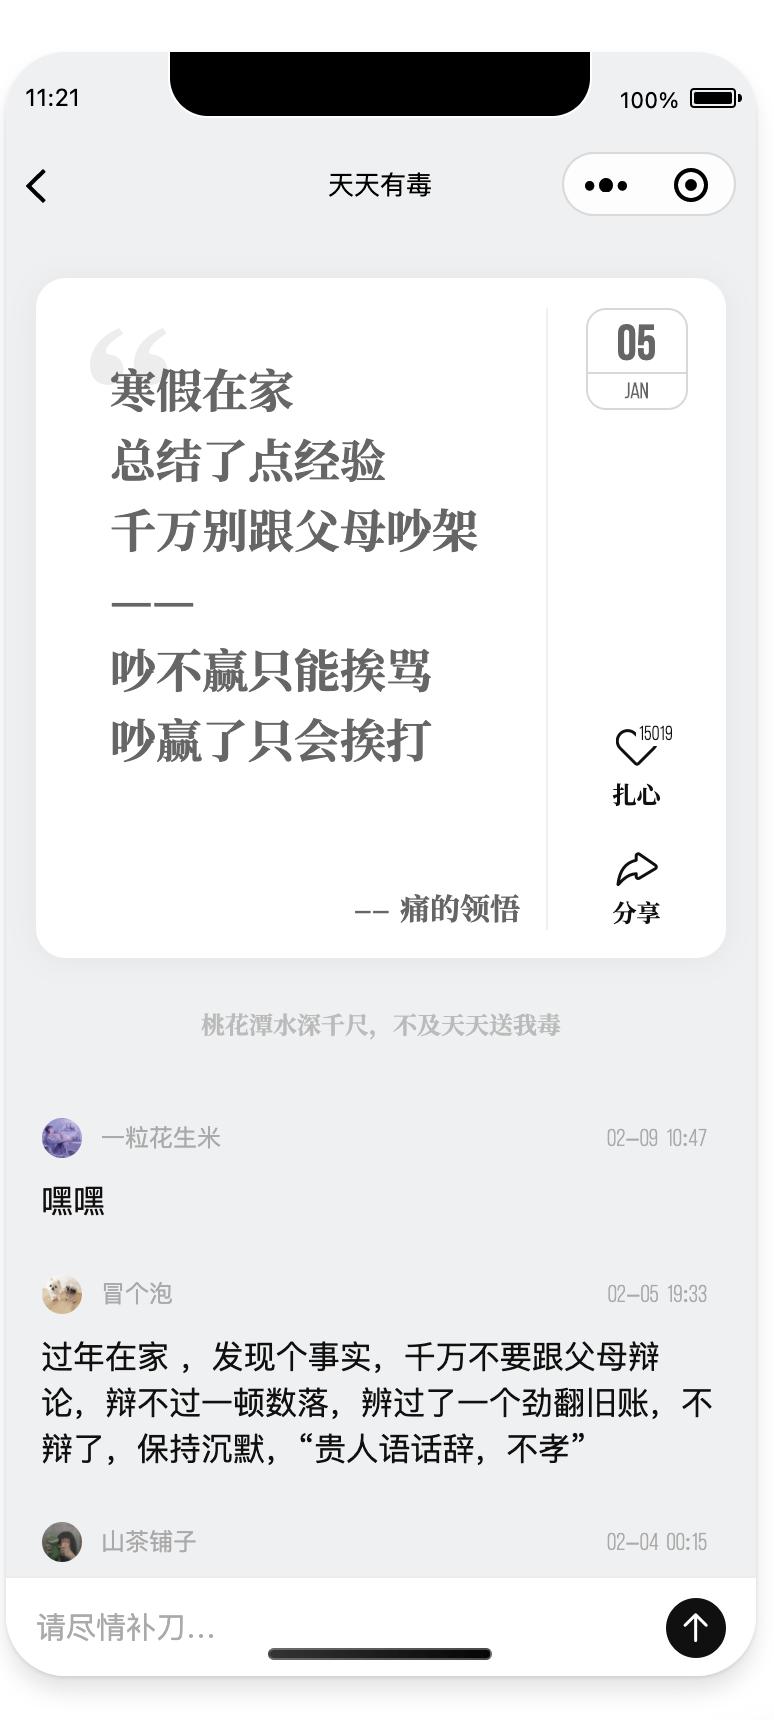 【优选源码】毒鸡汤文案类小程序源码分享-优选源码库